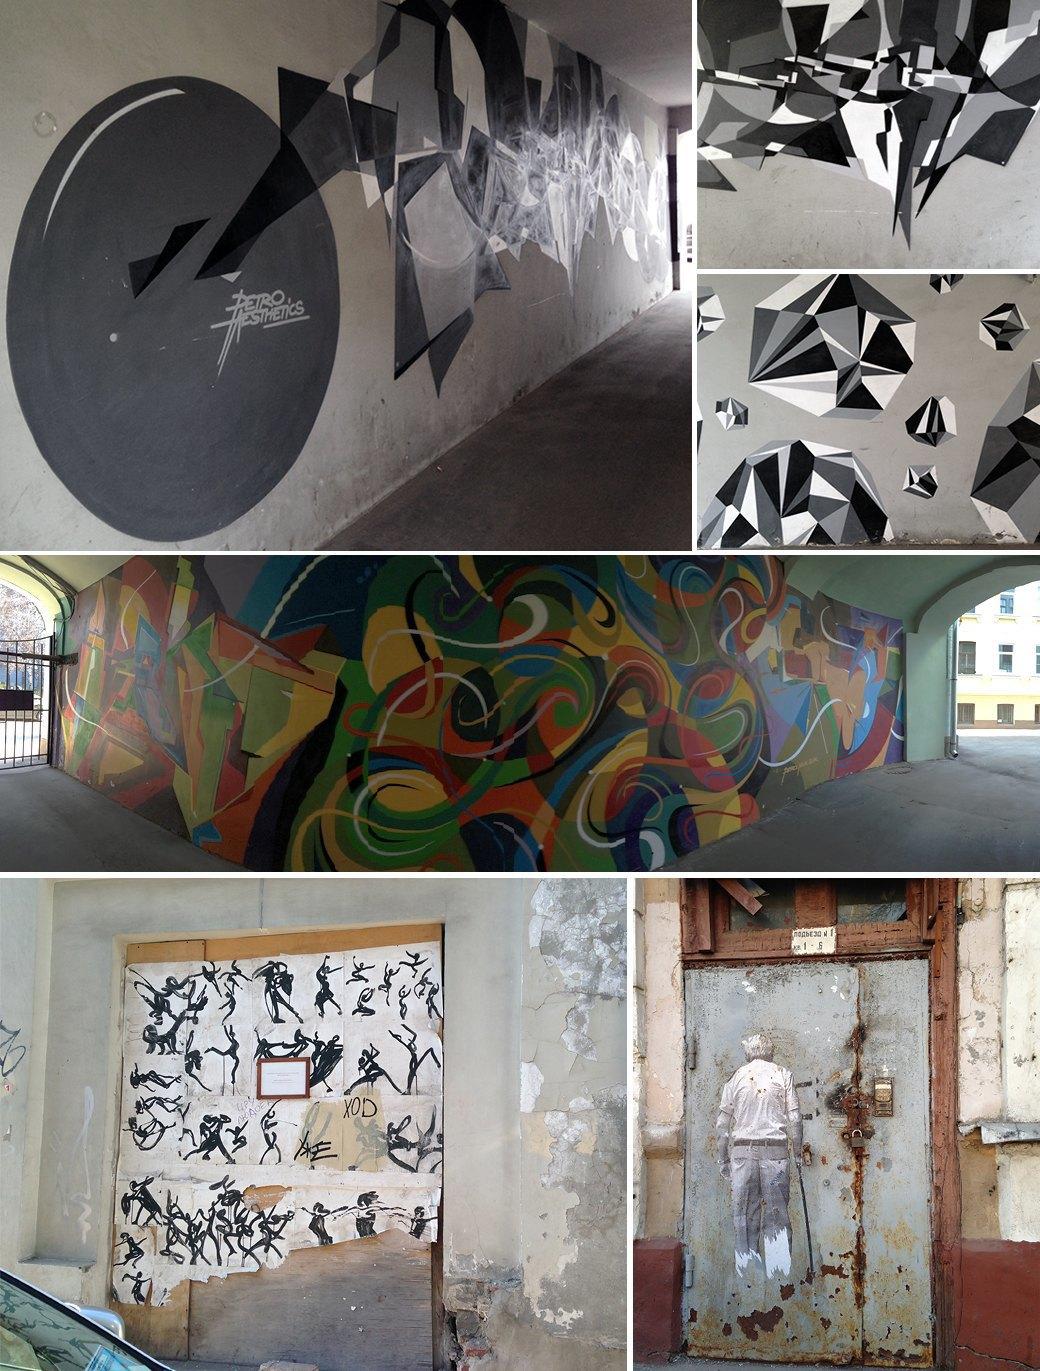 Стена славы: Новая граффити-карта Москвы. Изображение № 11.